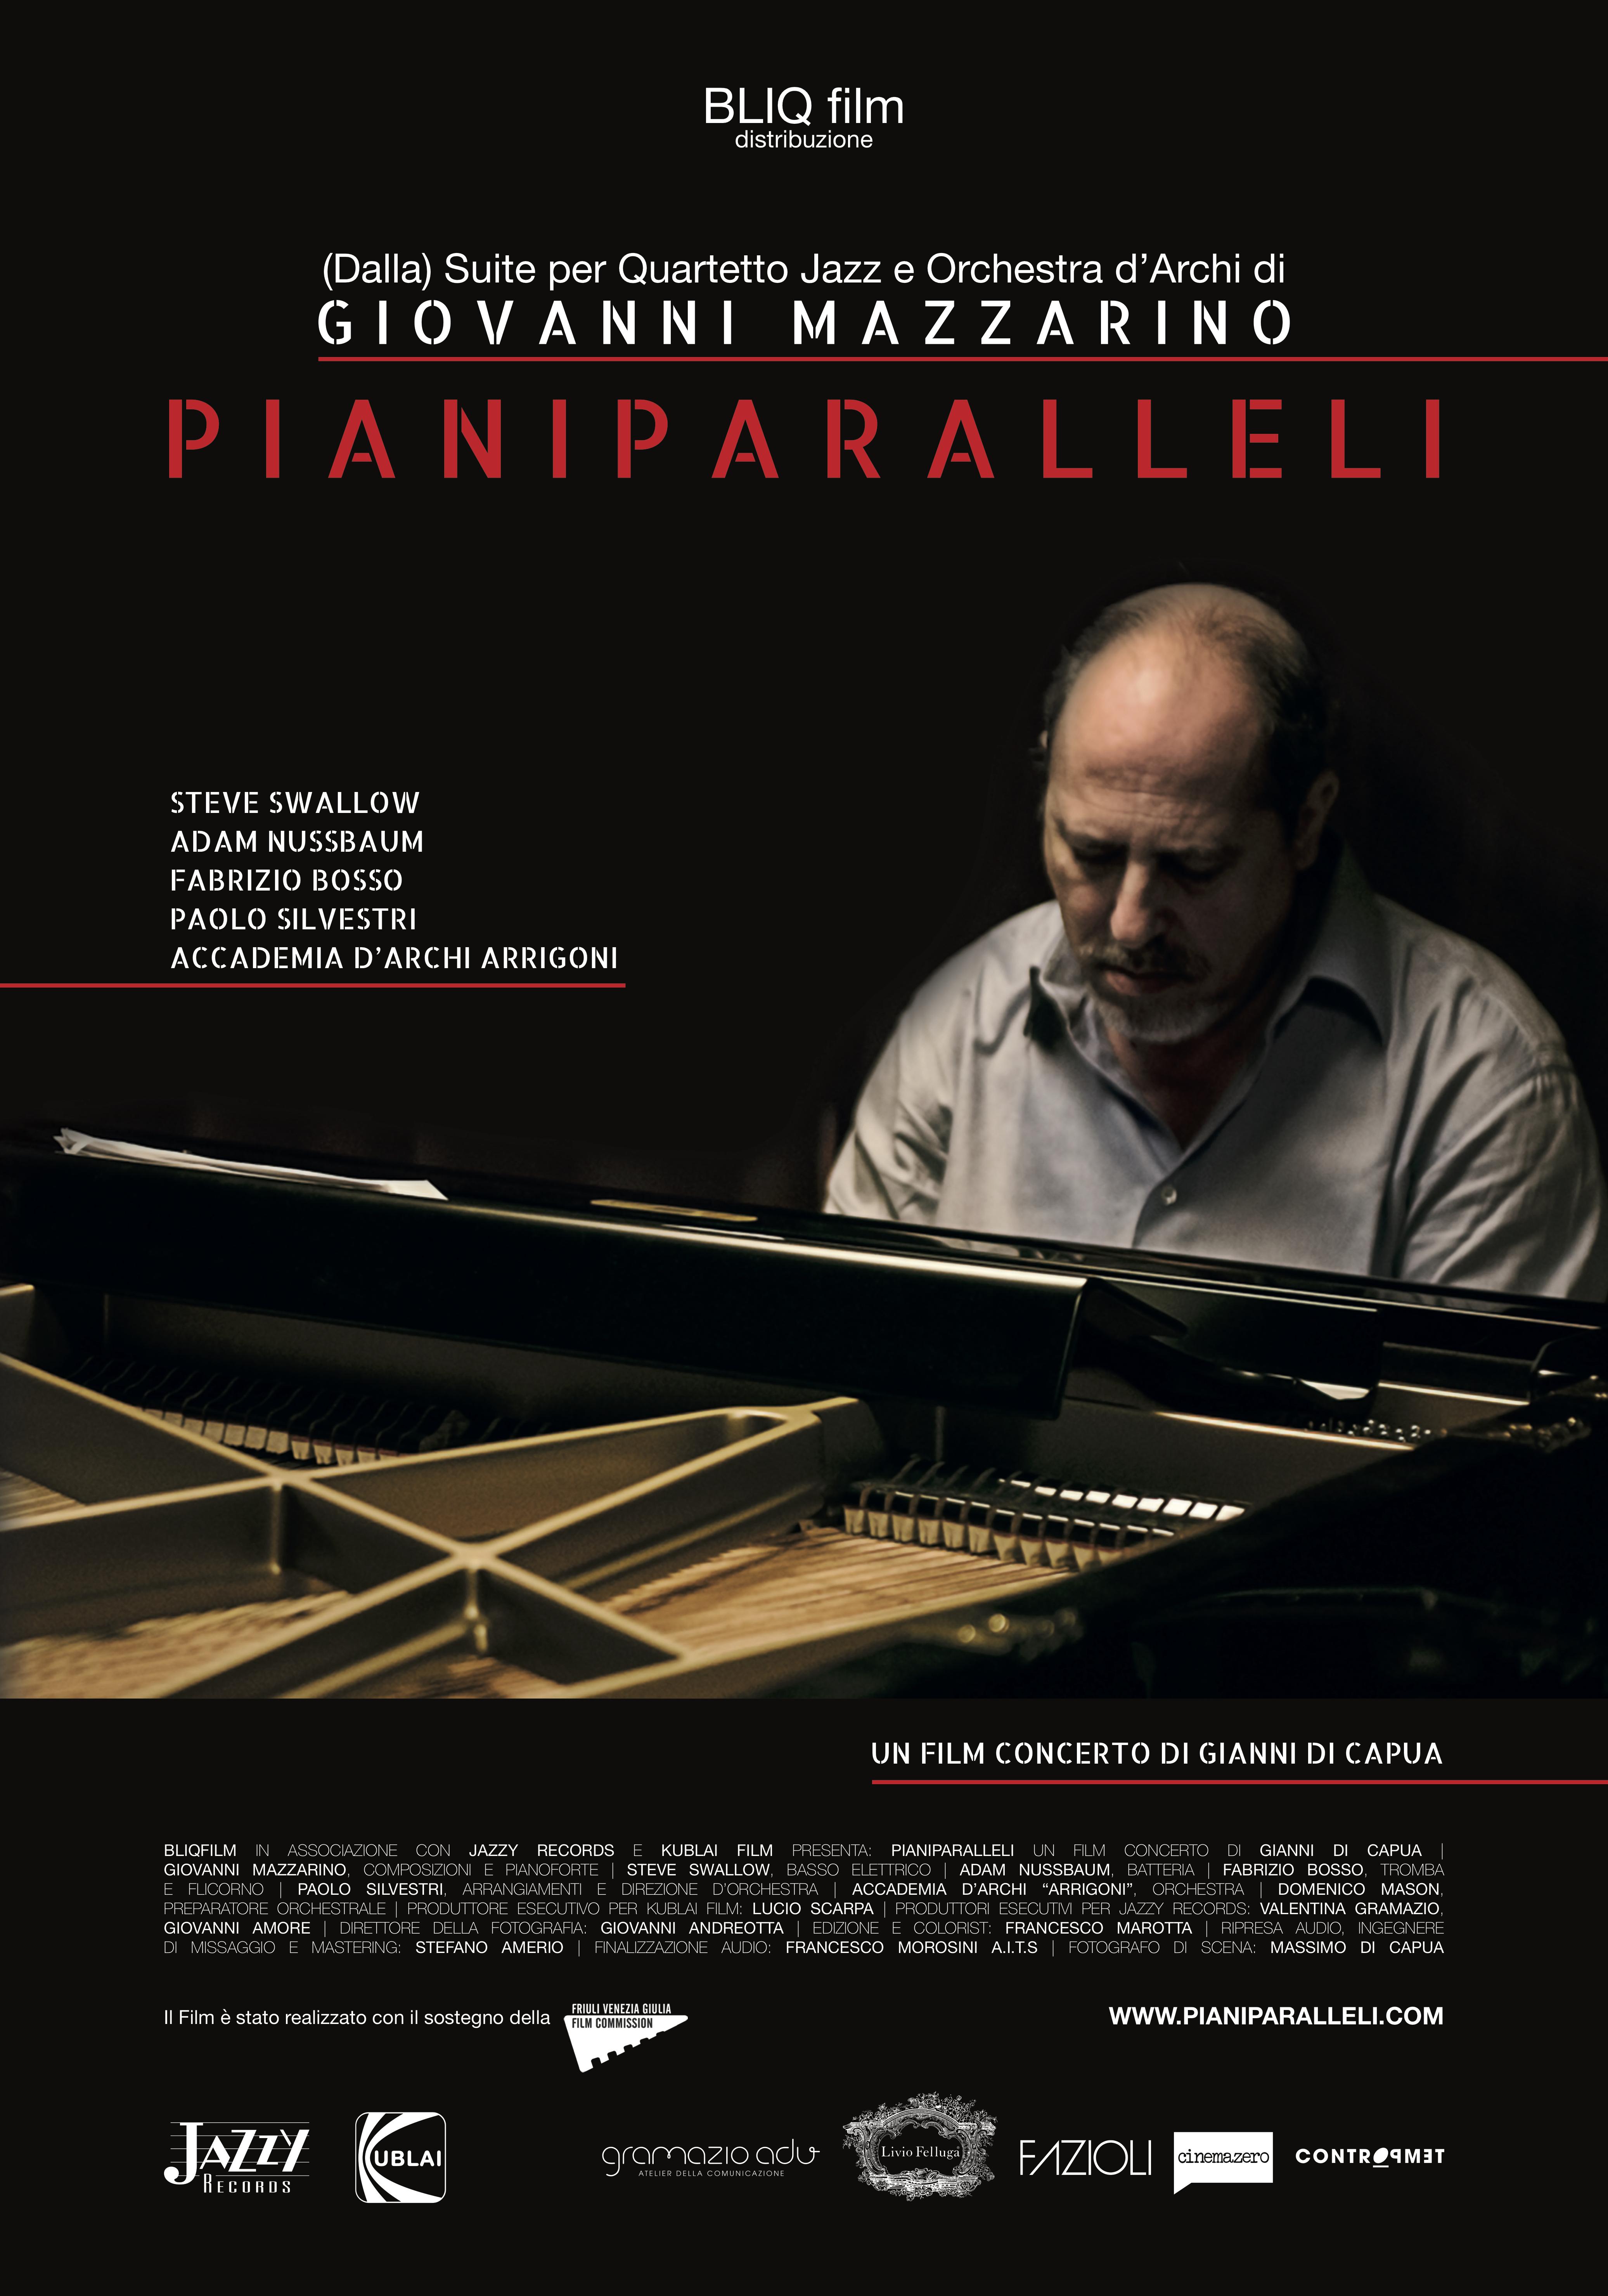 Piani Paralleli - Intervista al compositore Giovanni Mazzarino 10